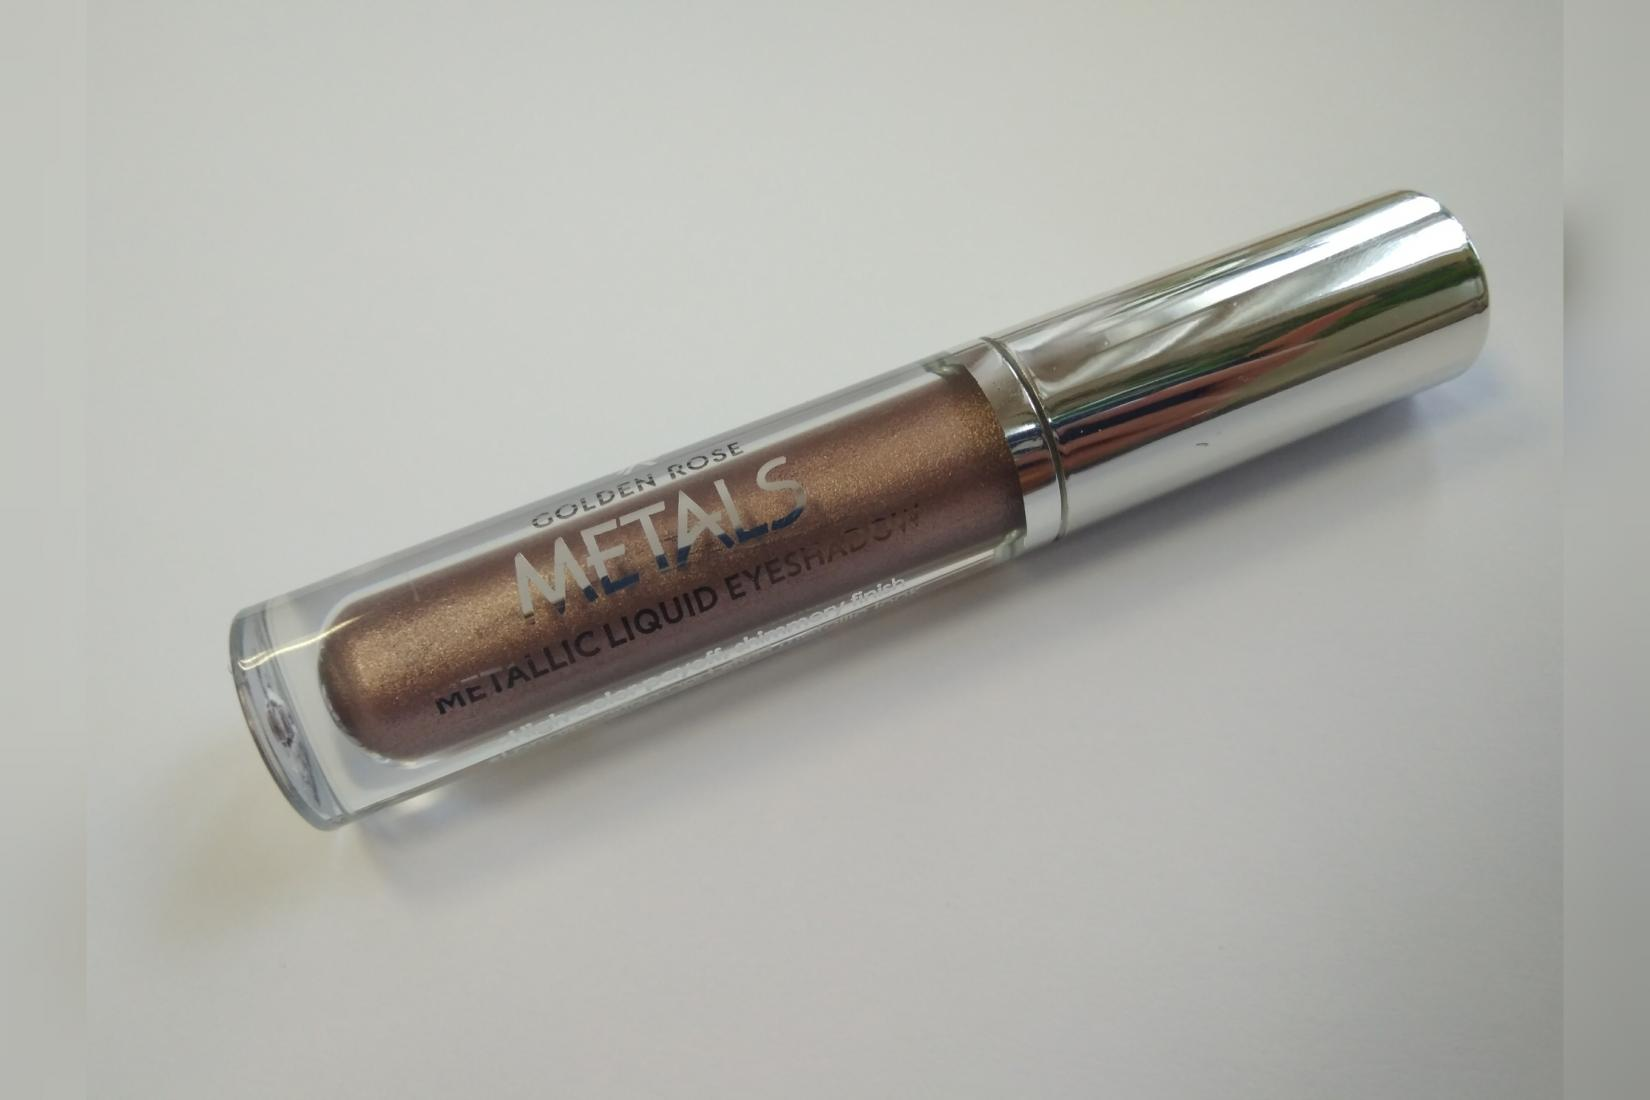 Жидкие тени Golden Rose Metals, оттенок 105 Mink - внешний вид тубы